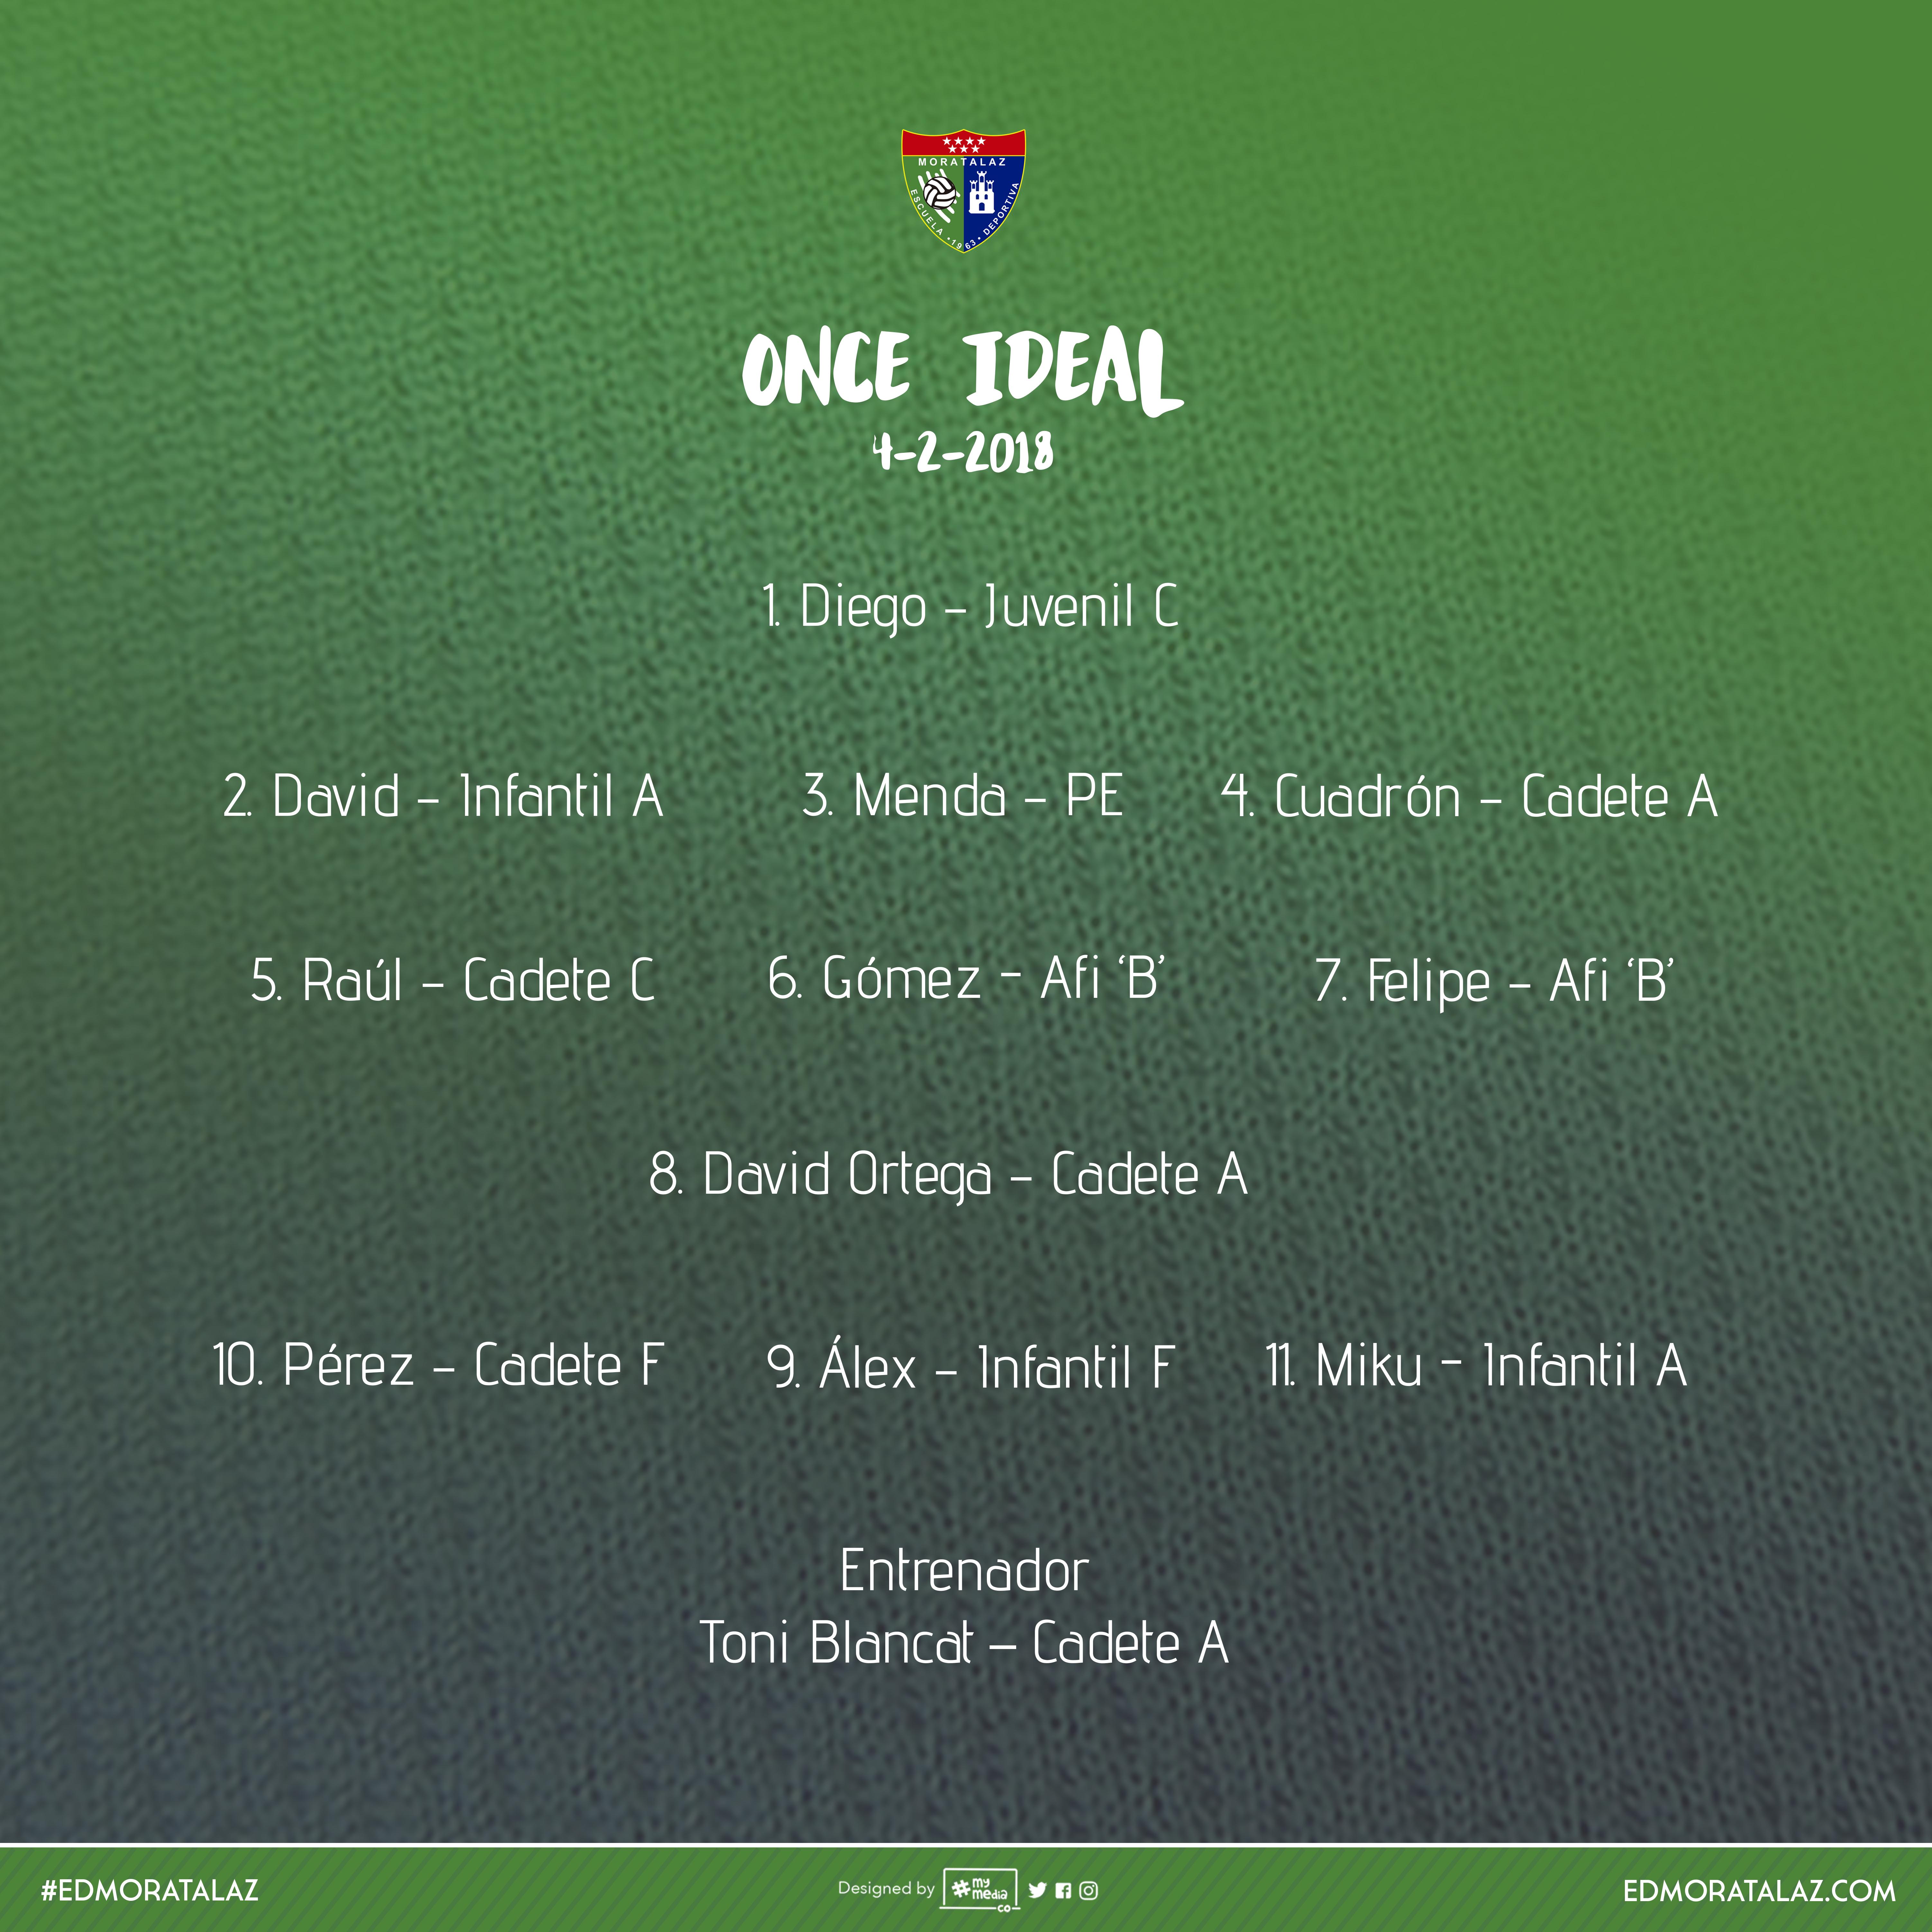 Once ideal del fin de semana 3-4 de Febrero, Temporada 2017-18